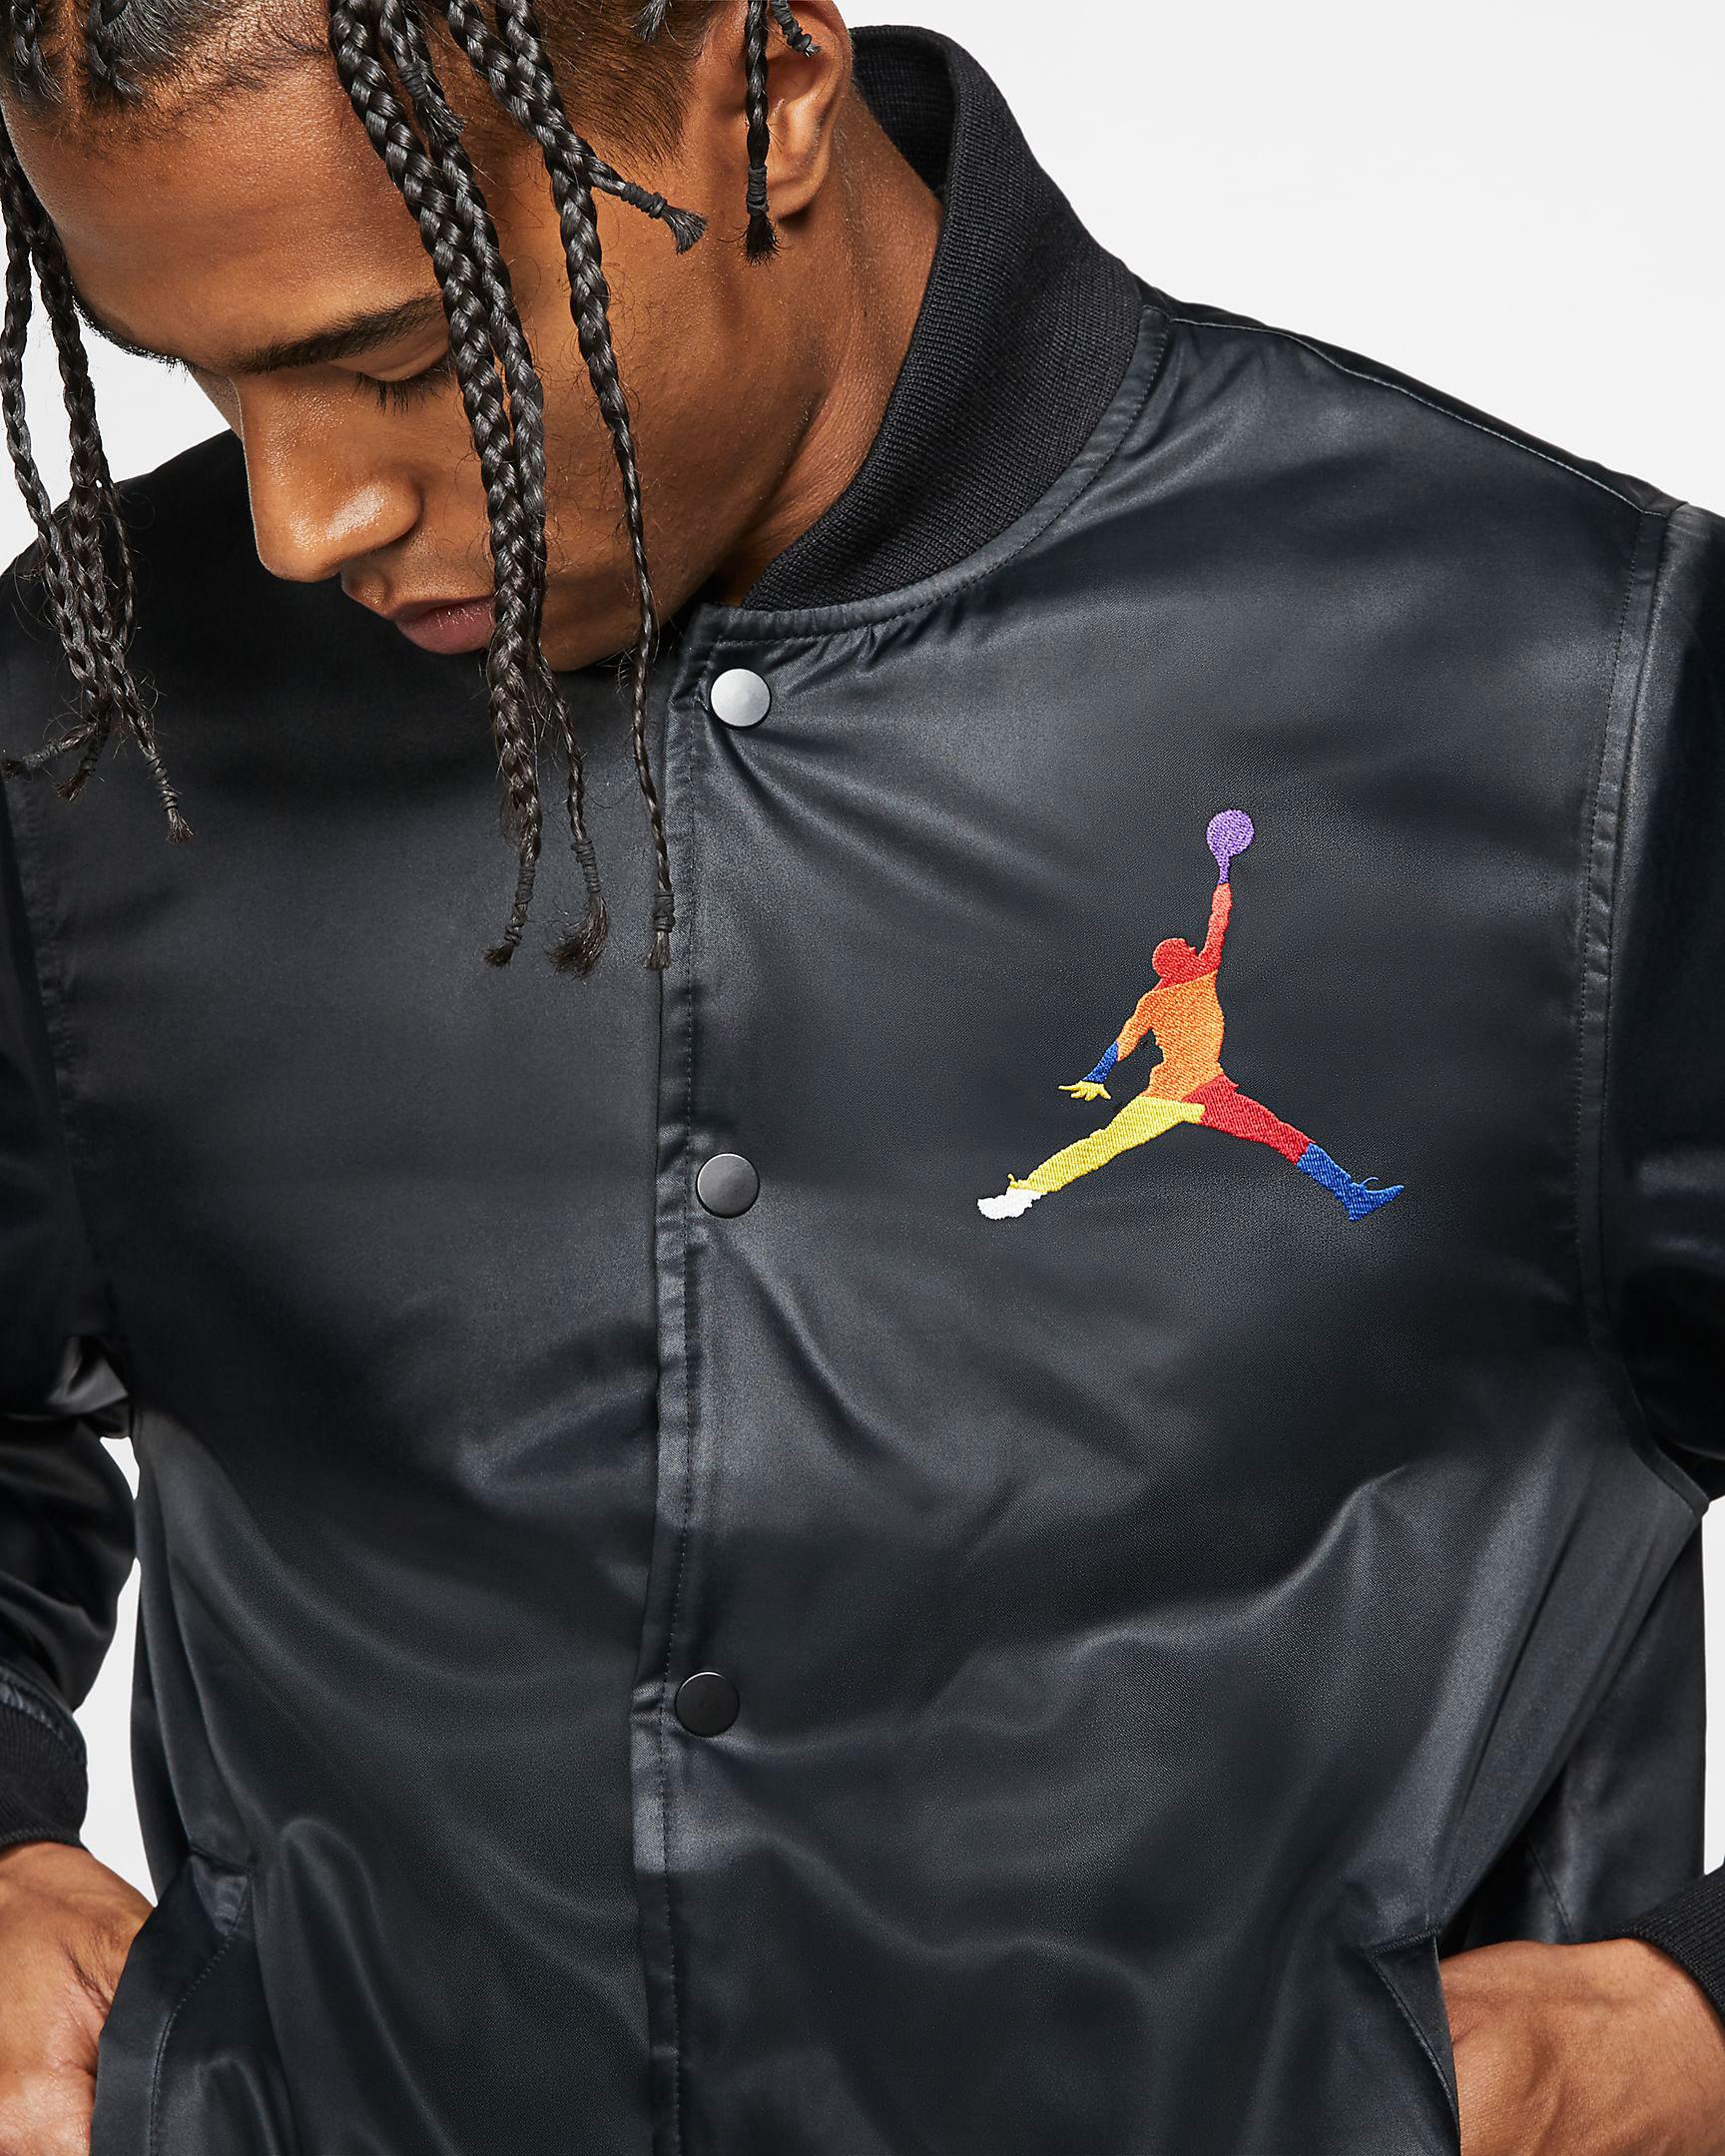 jordan-dna-jacket-3